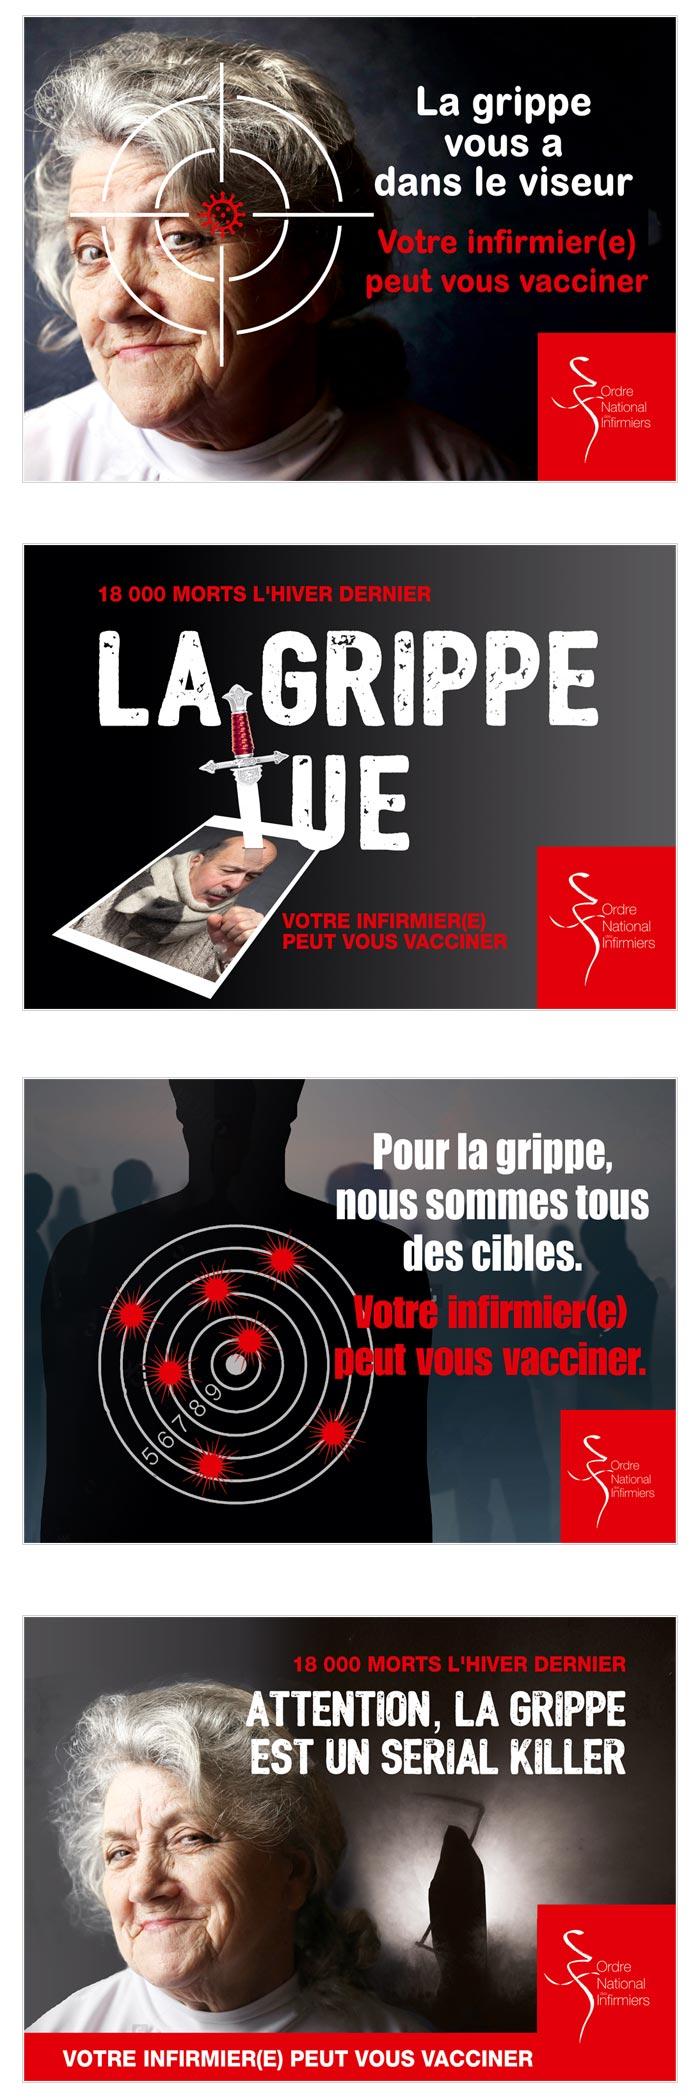 campagne d'affichage sur la santé